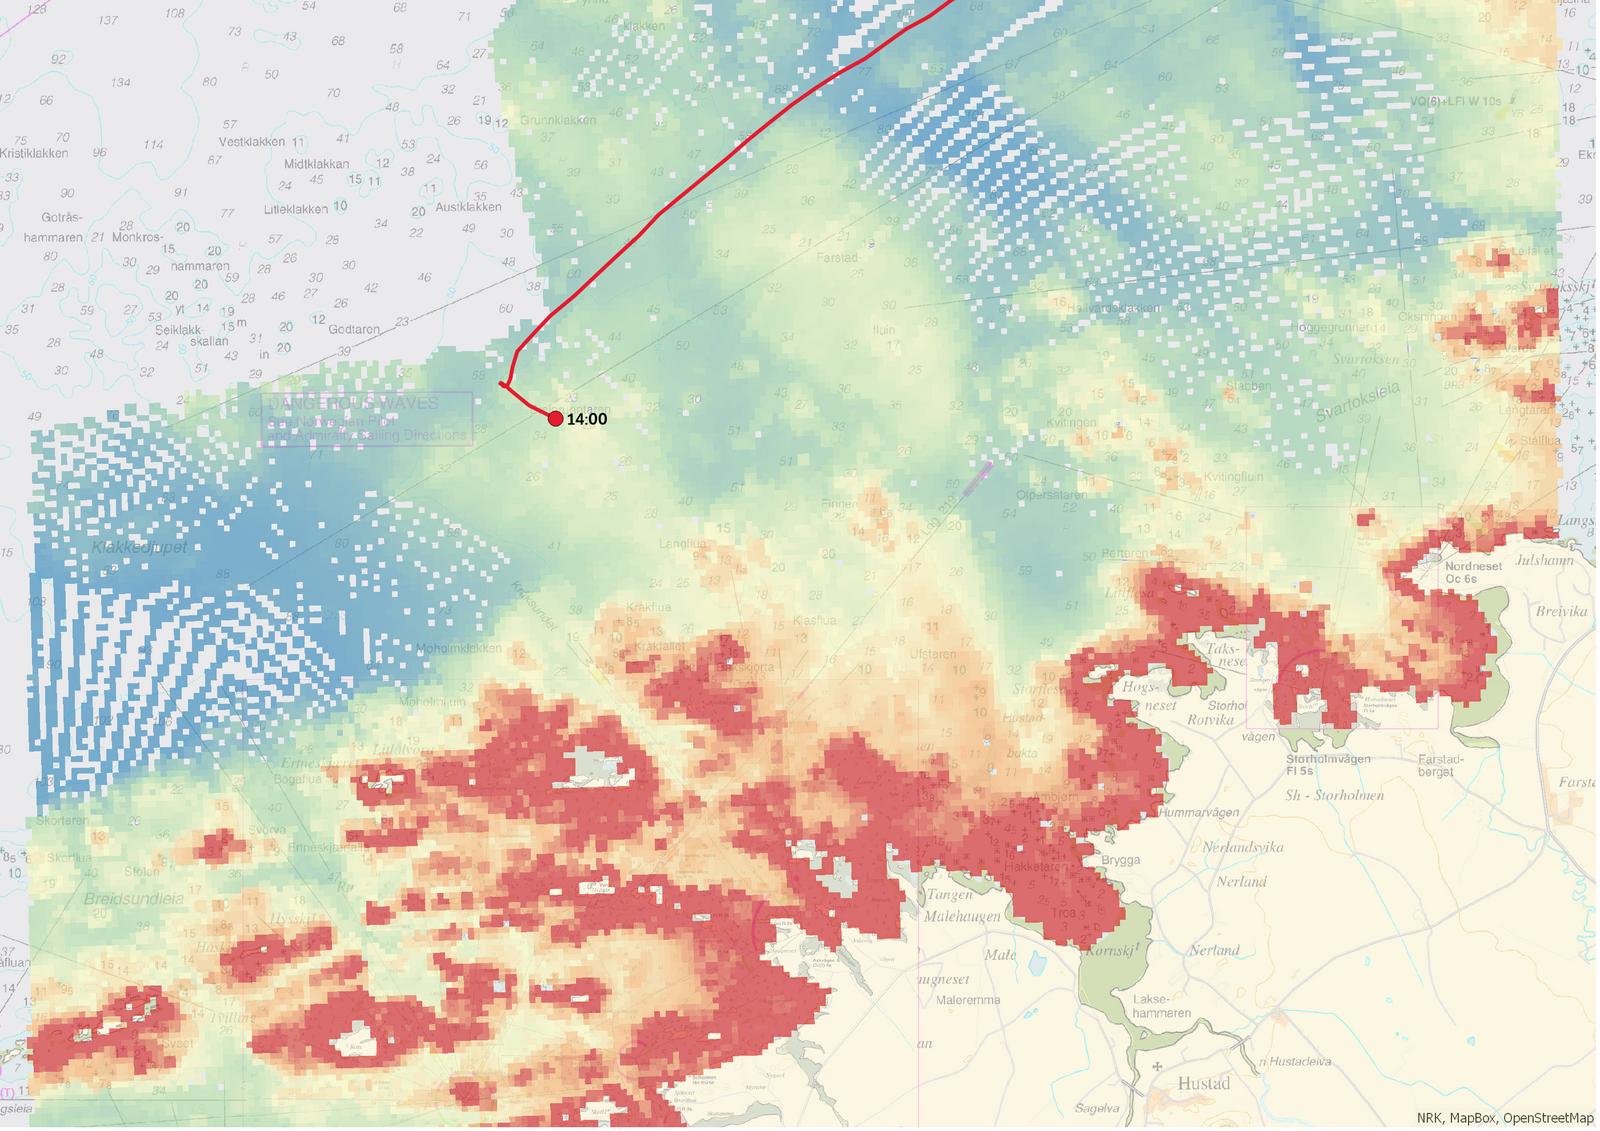 Kart viser posisjonen Viking Sky hadde kl. 14.00 da de sendte ut mayday (ca. 5 km fra land)